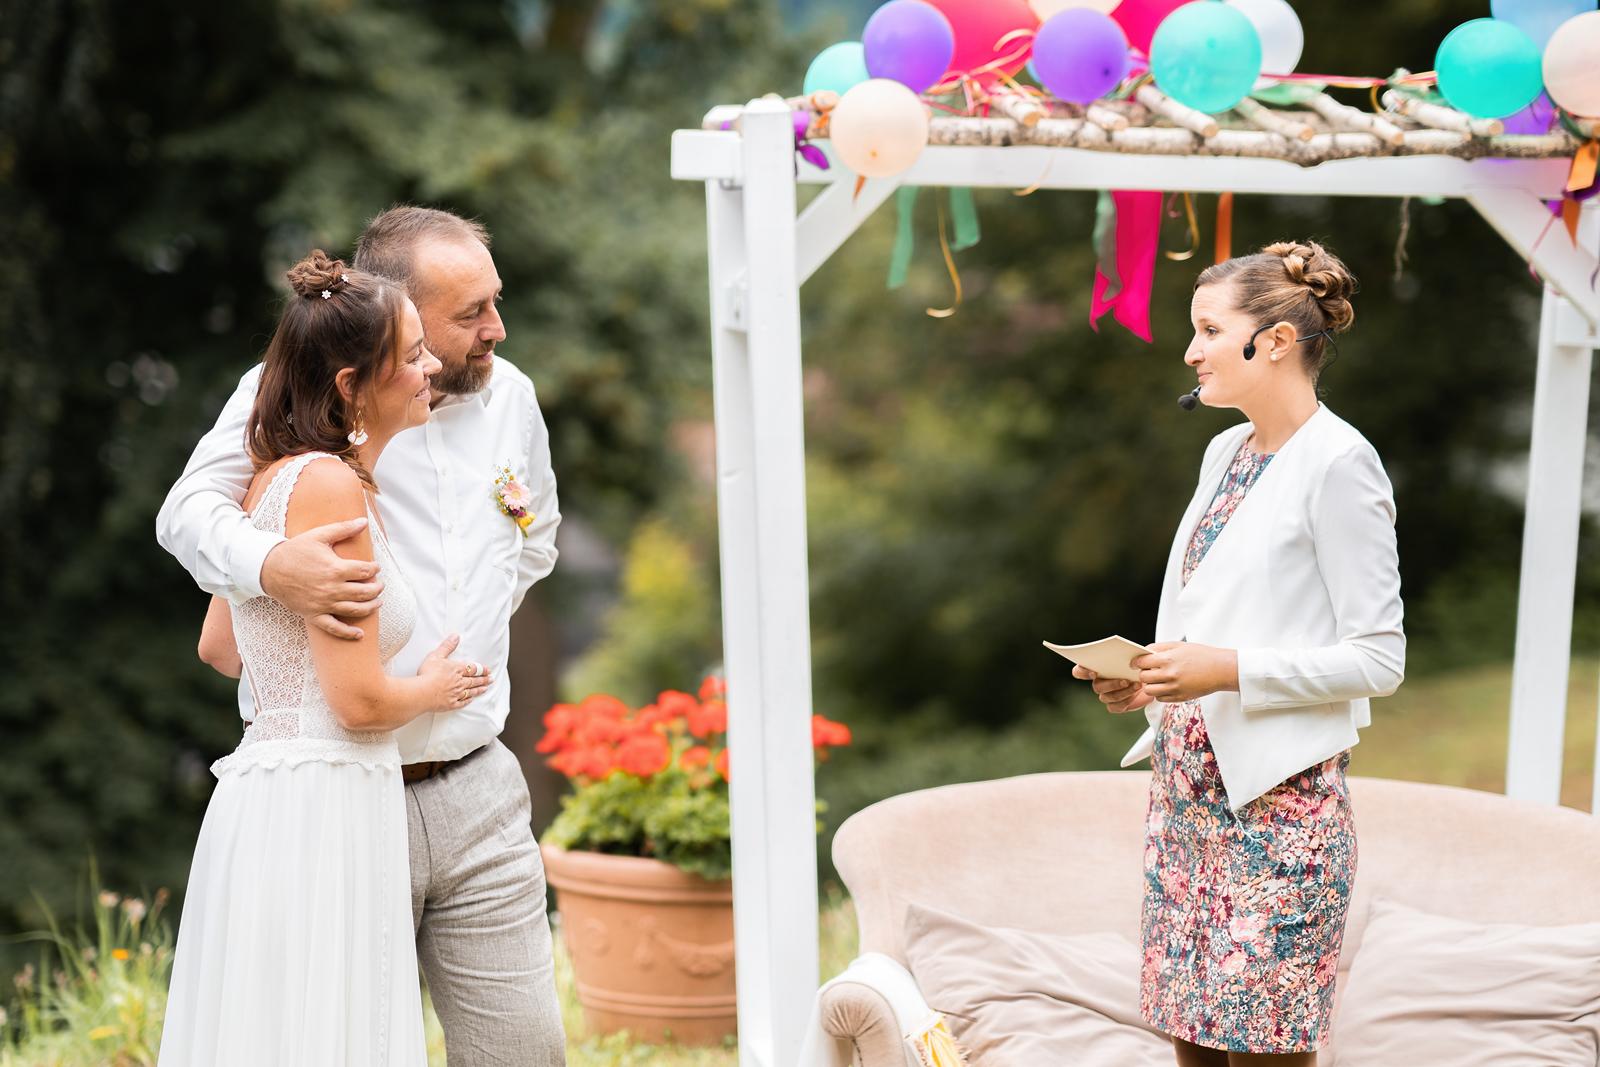 Marie Rogez maitre ceremonie-laique la réunion alsace allemagne mariage pacs